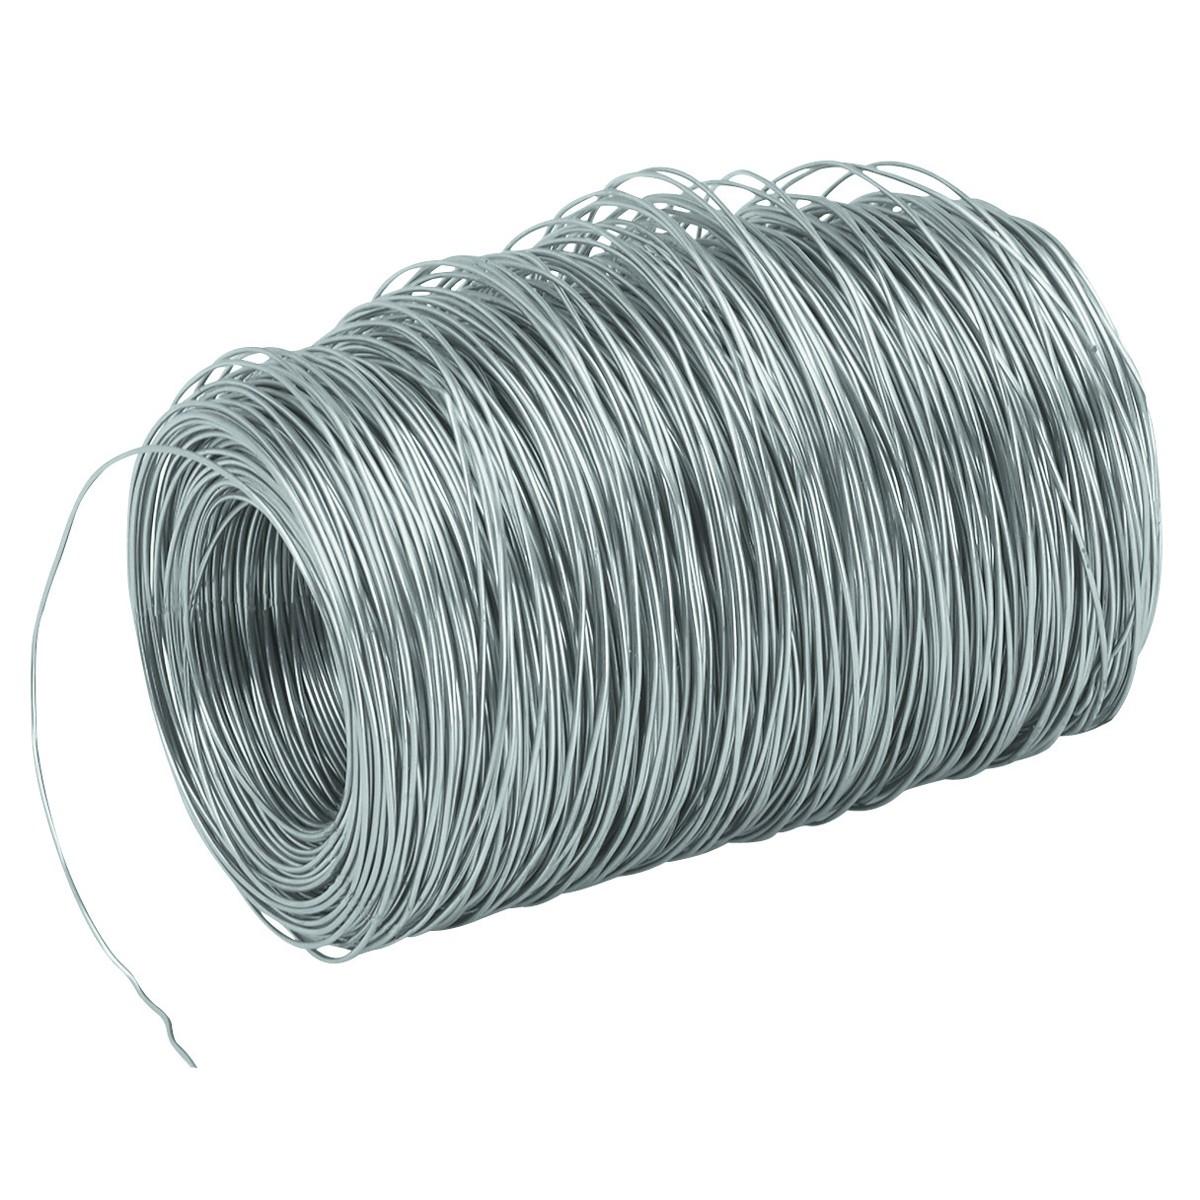 Metal Galvanized Wire 8 Gauge Galvanized Steel Iron Wire - Buy 14 ...